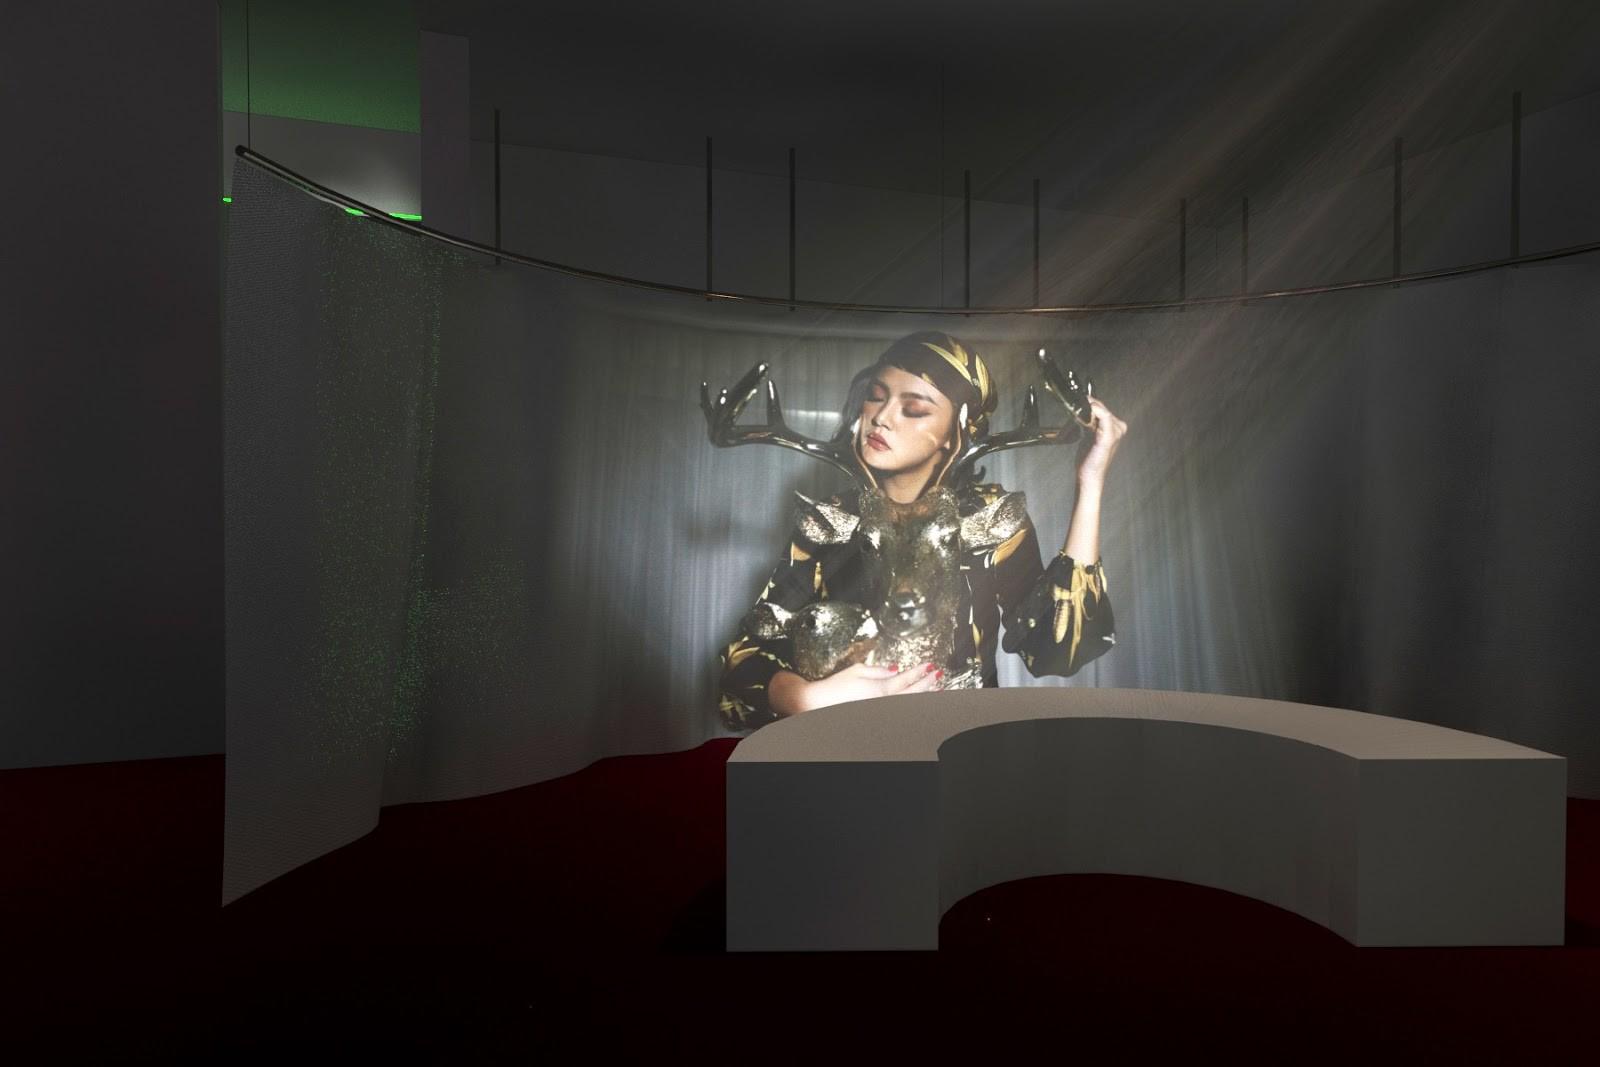 """Gạt bỏ hình ảnh """"chị Huệ"""" mờ nhạt, Thu Quỳnh lột xác với vai trò mới khiến giới mộ điệu phải trầm trồ - Ảnh 4."""